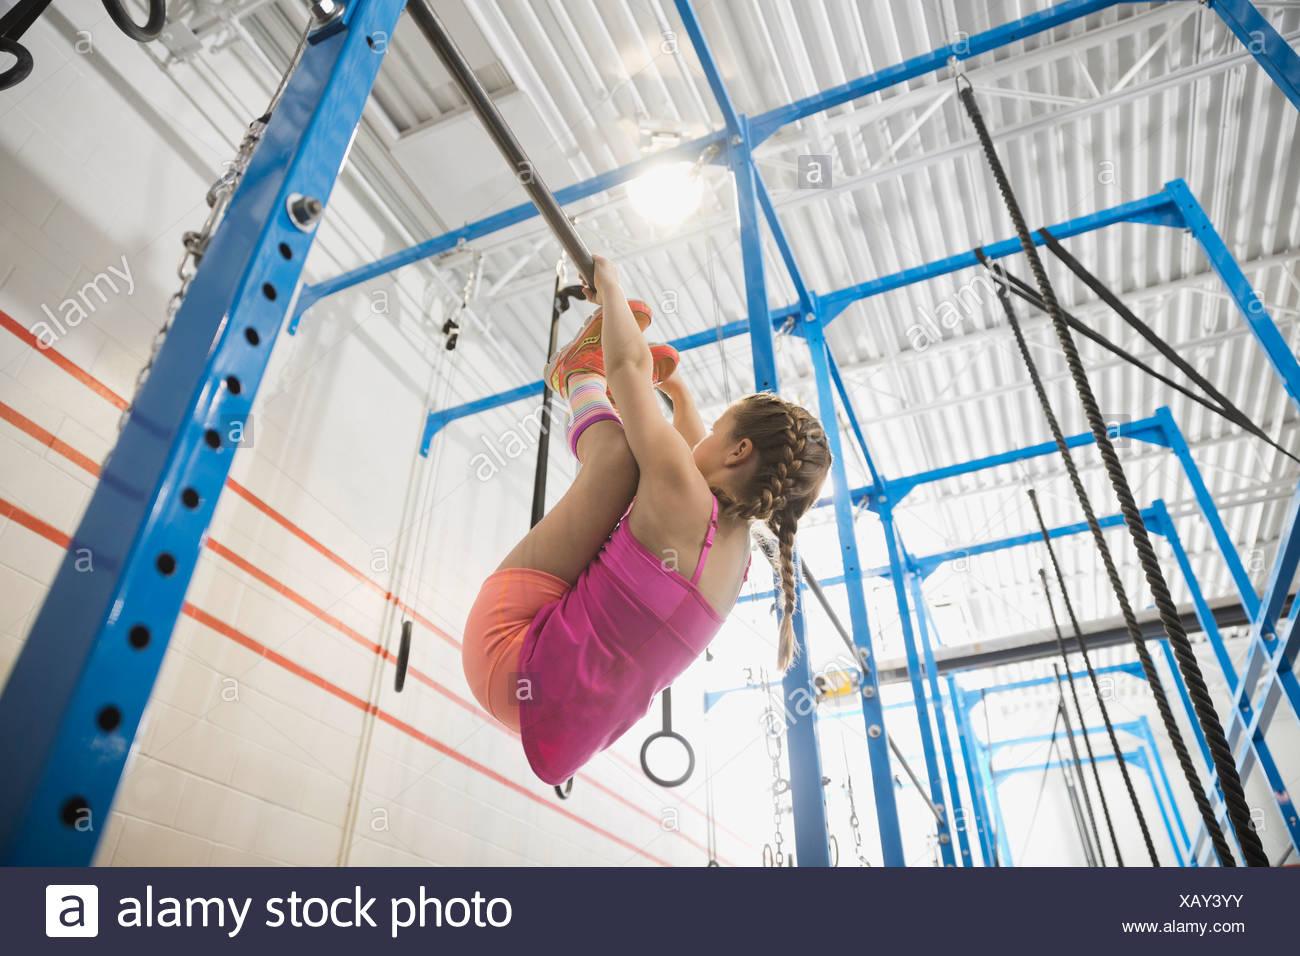 Chica practicando los dedos para mover la barra Imagen De Stock